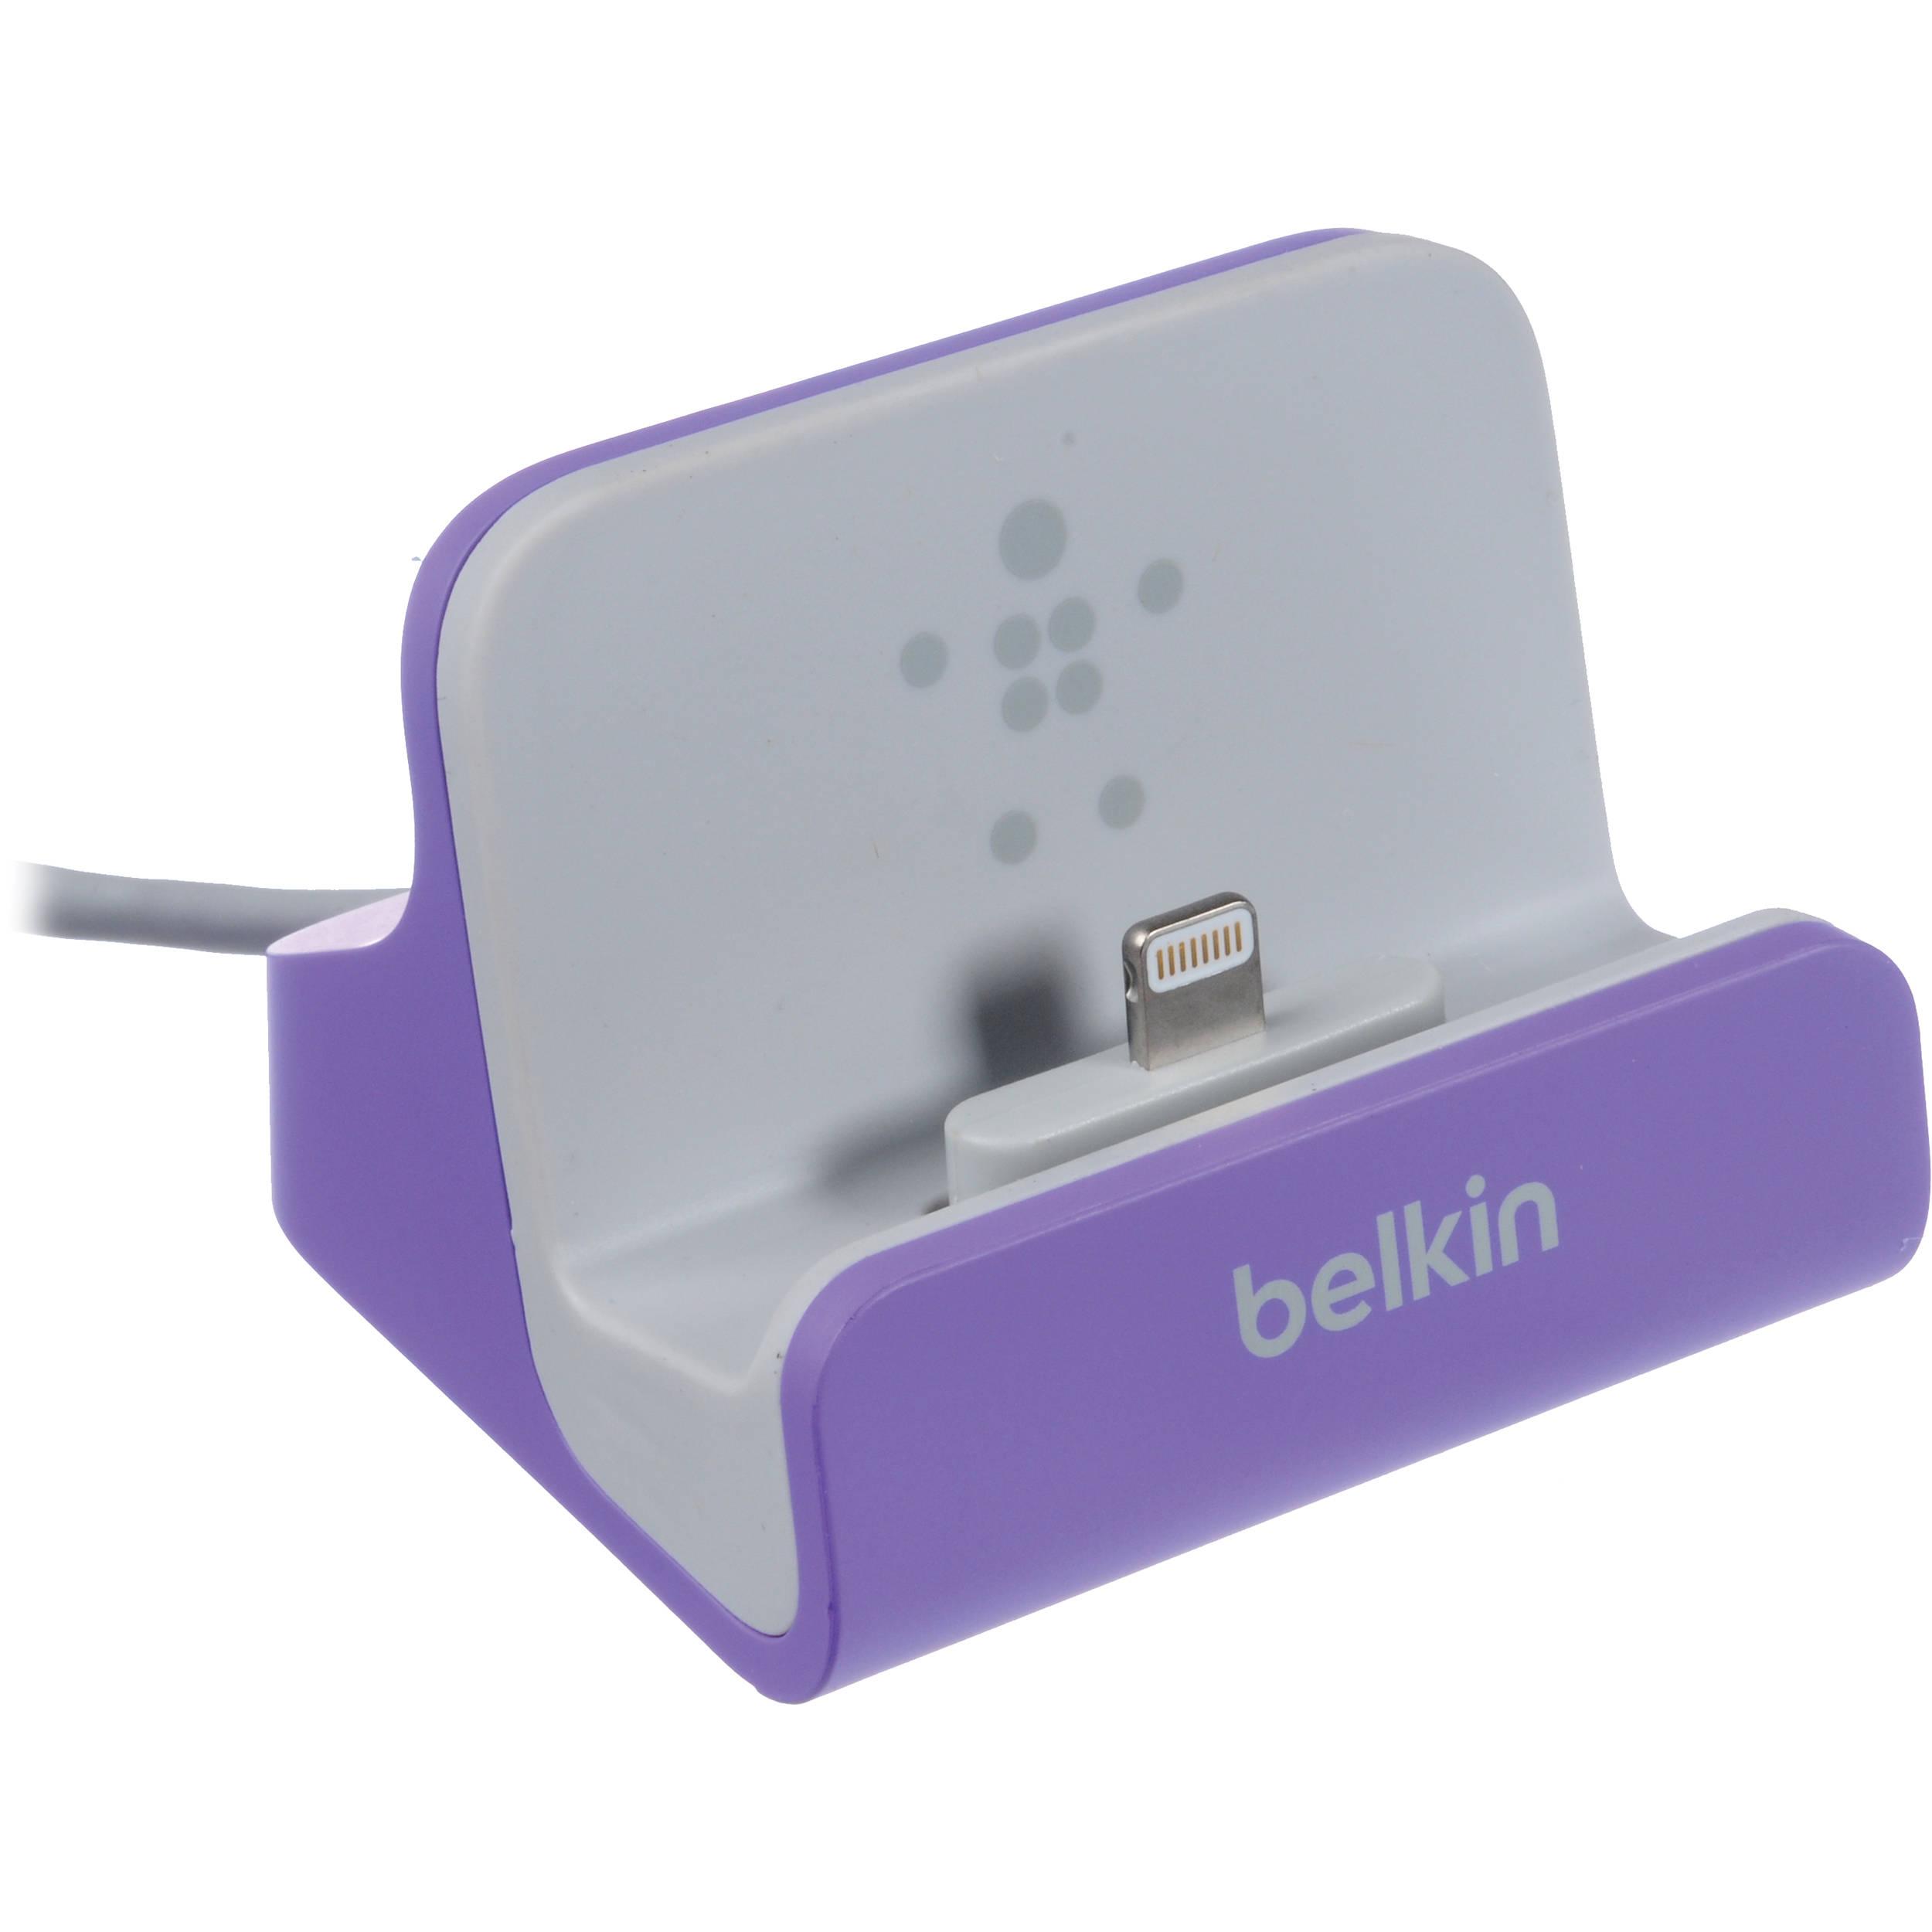 Dokovací stanice BELKIN pro Apple iPhone 5 aktiv.fialová